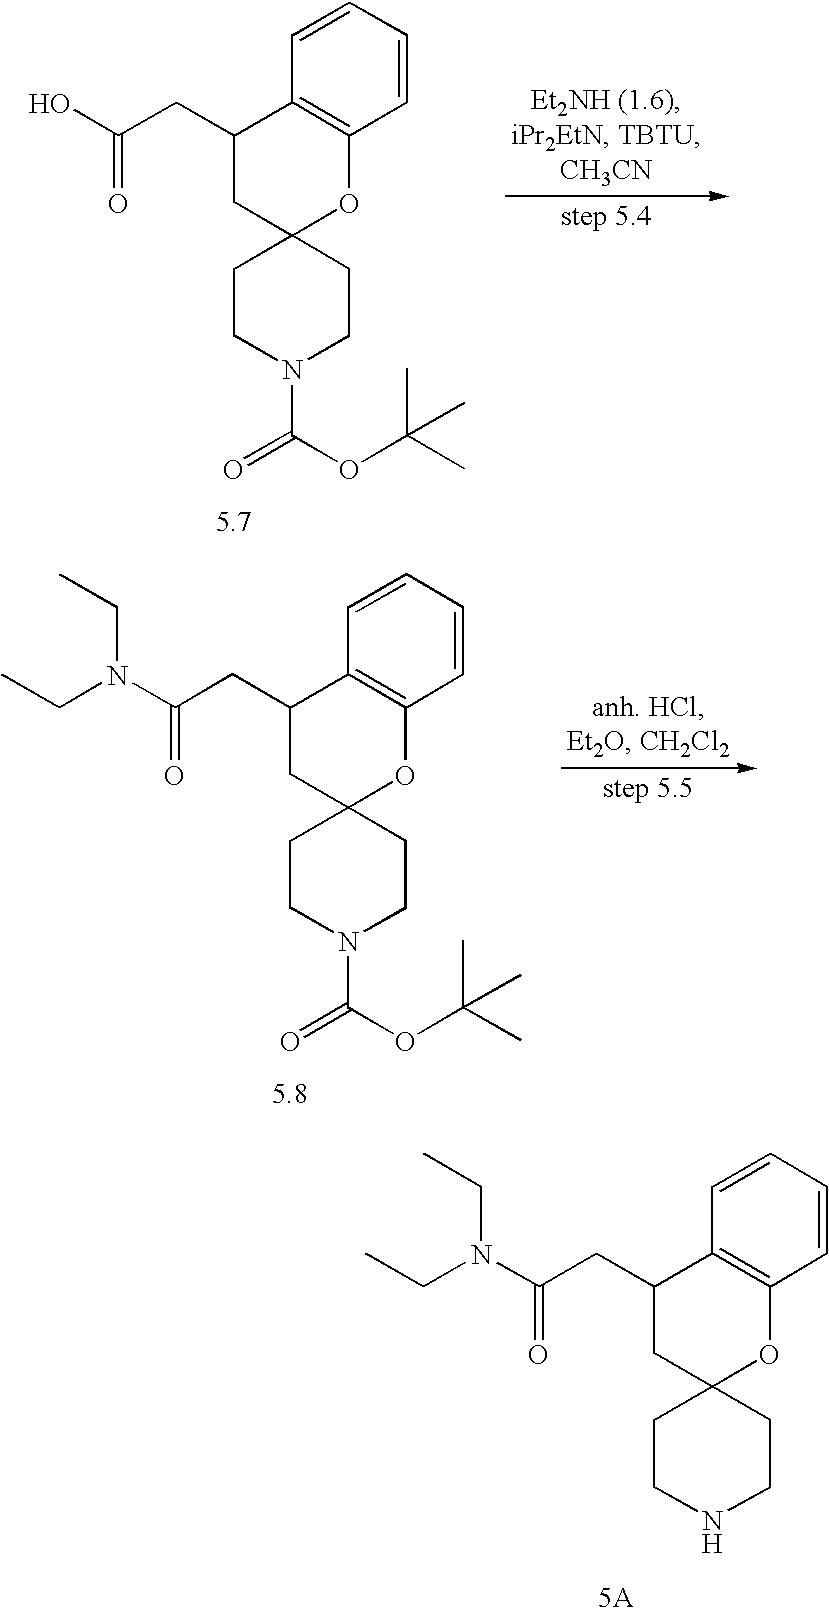 Figure US07576207-20090818-C00024